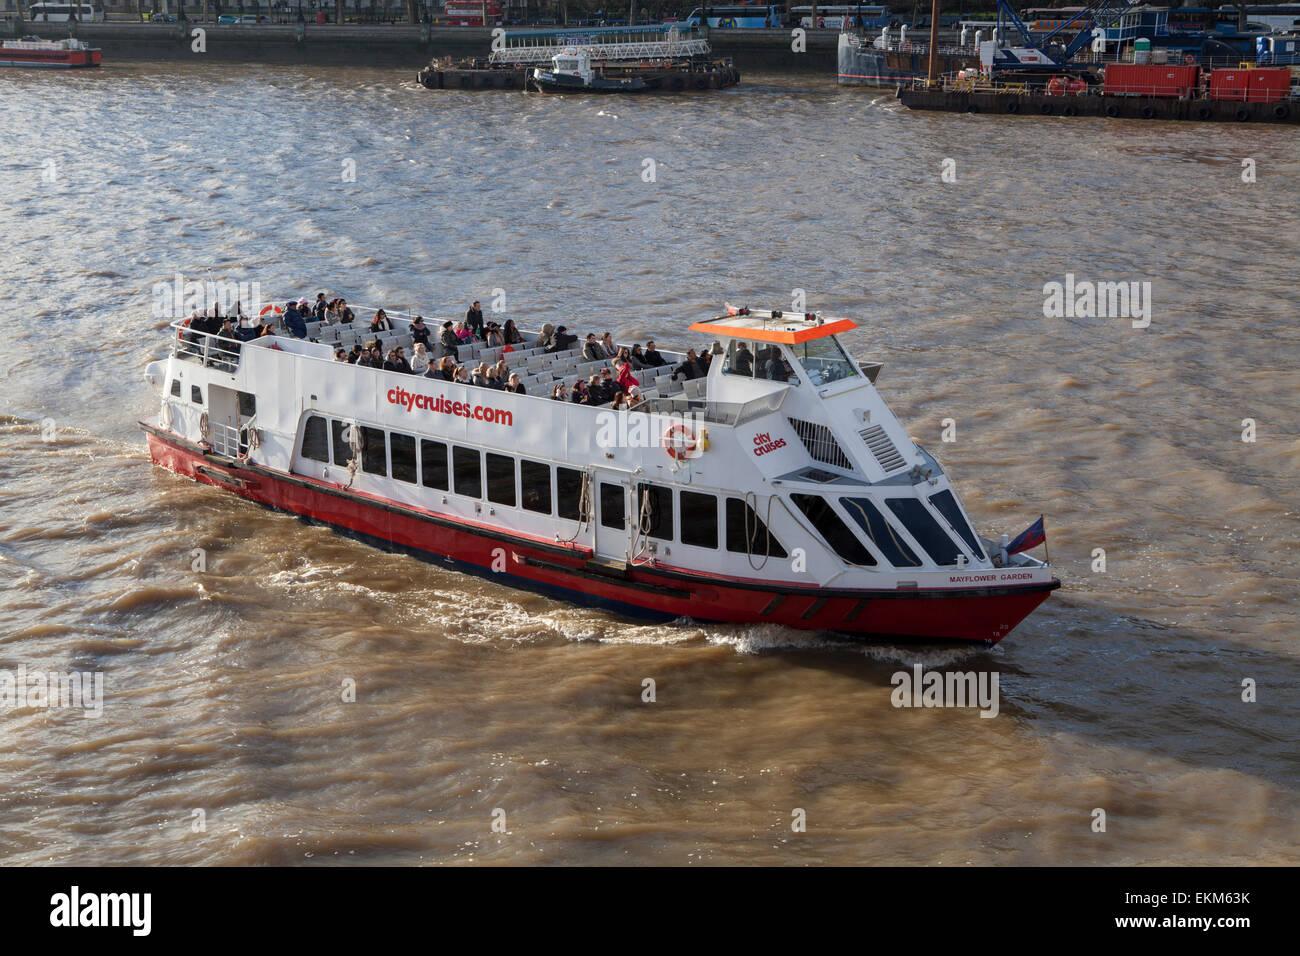 Ein Ausflugsschiff City Cruises auf der Themse in London Stockfoto